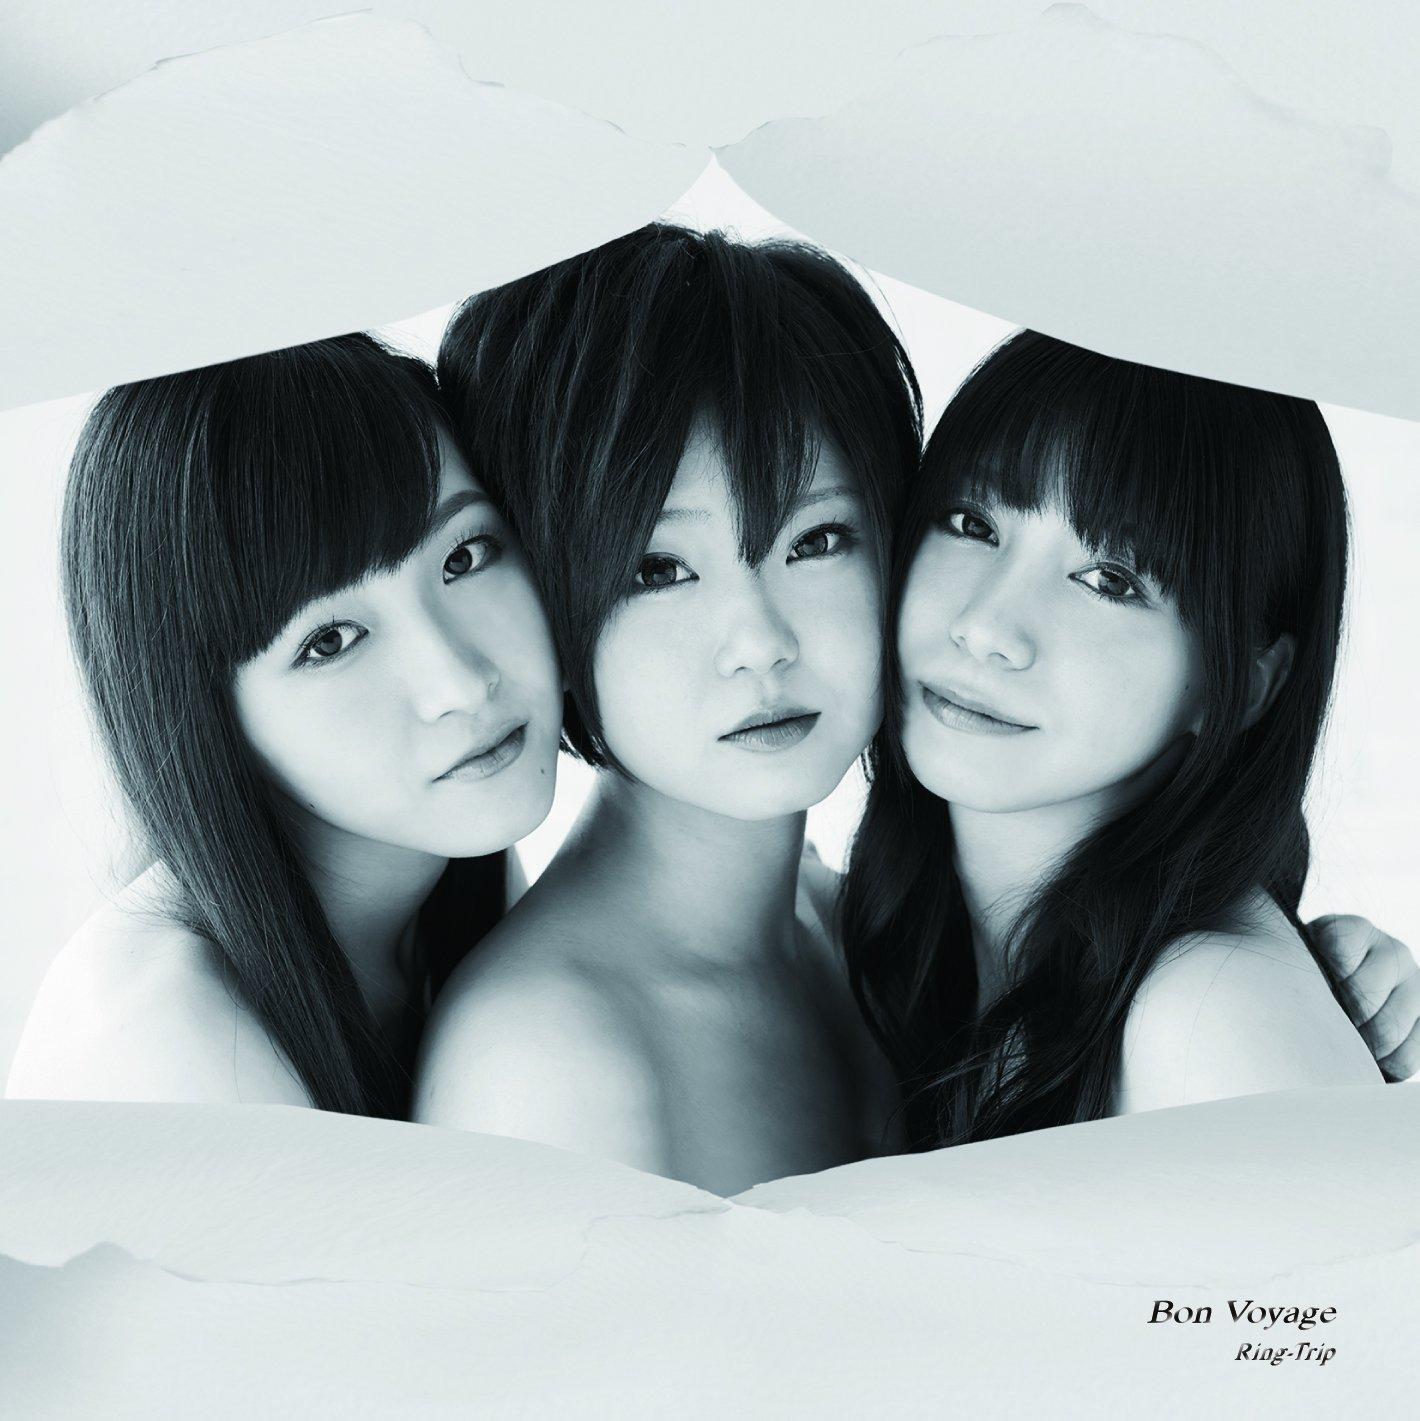 Ring-Tripさんのアルバム 「Bon Voyage」